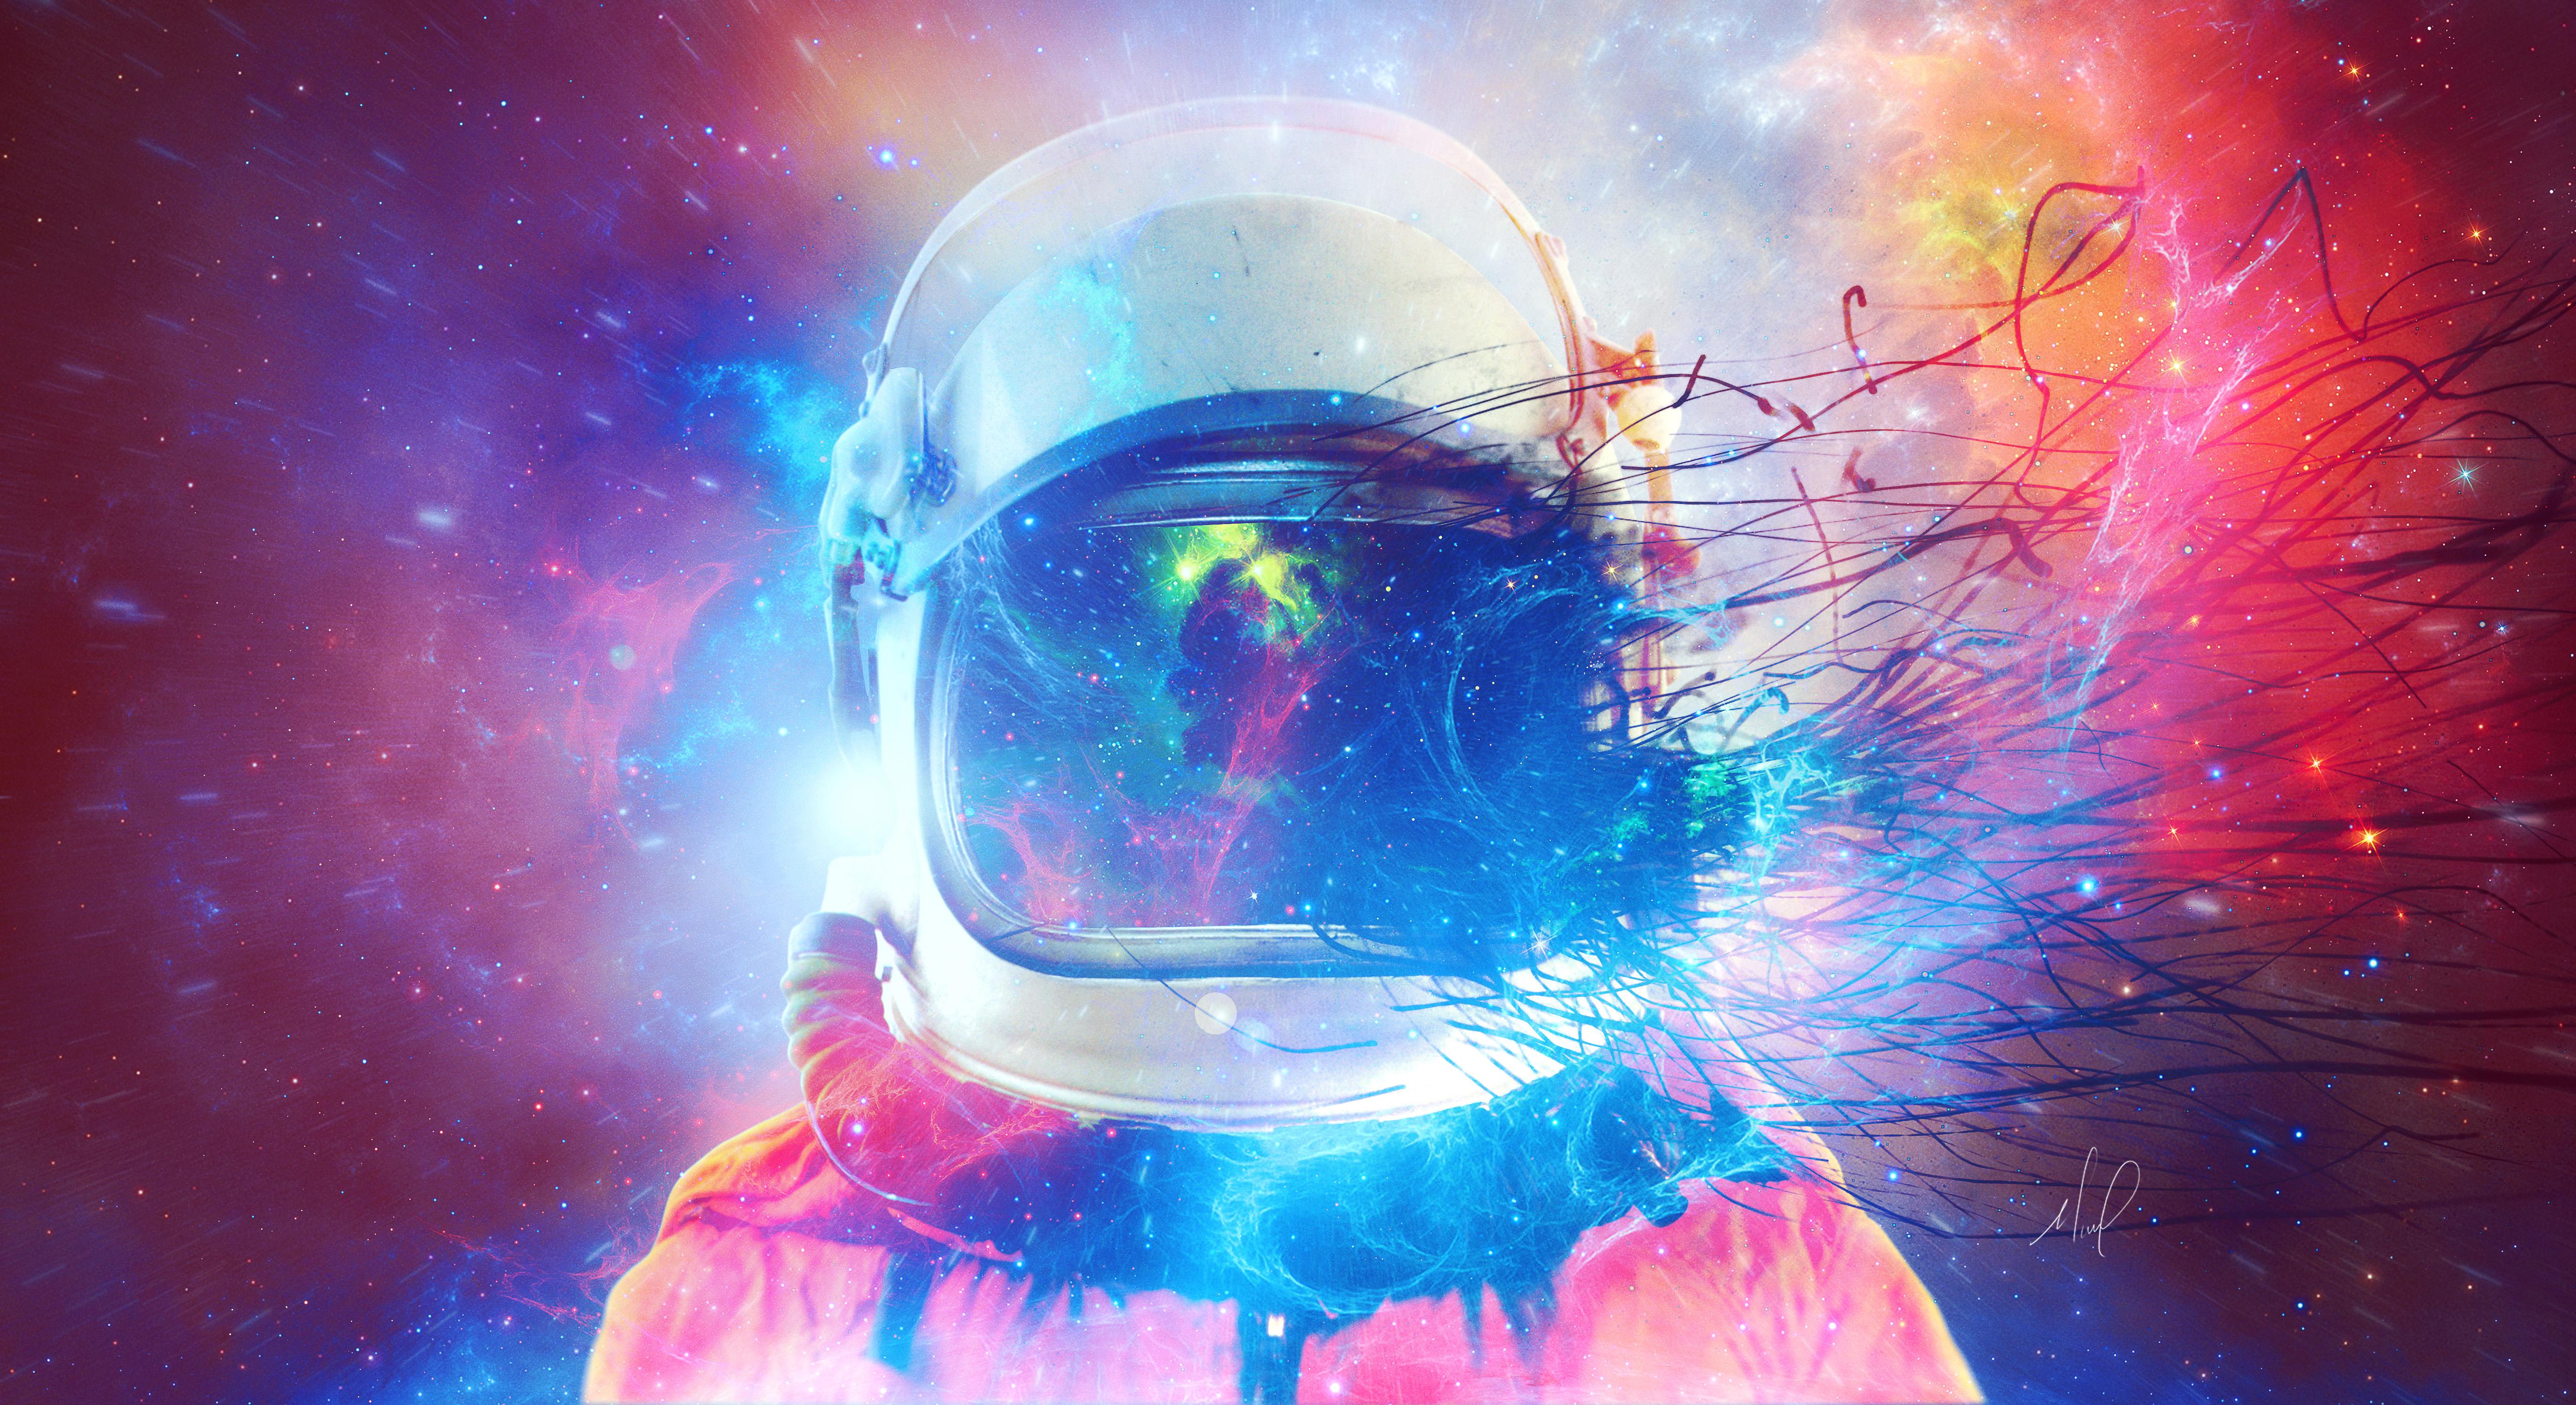 136135 Hintergrundbild herunterladen Universum, Mehrfarbig, Motley, Platz, Kosmischen, Kosmonaut, Kosmonauten, Raumanzug - Bildschirmschoner und Bilder kostenlos